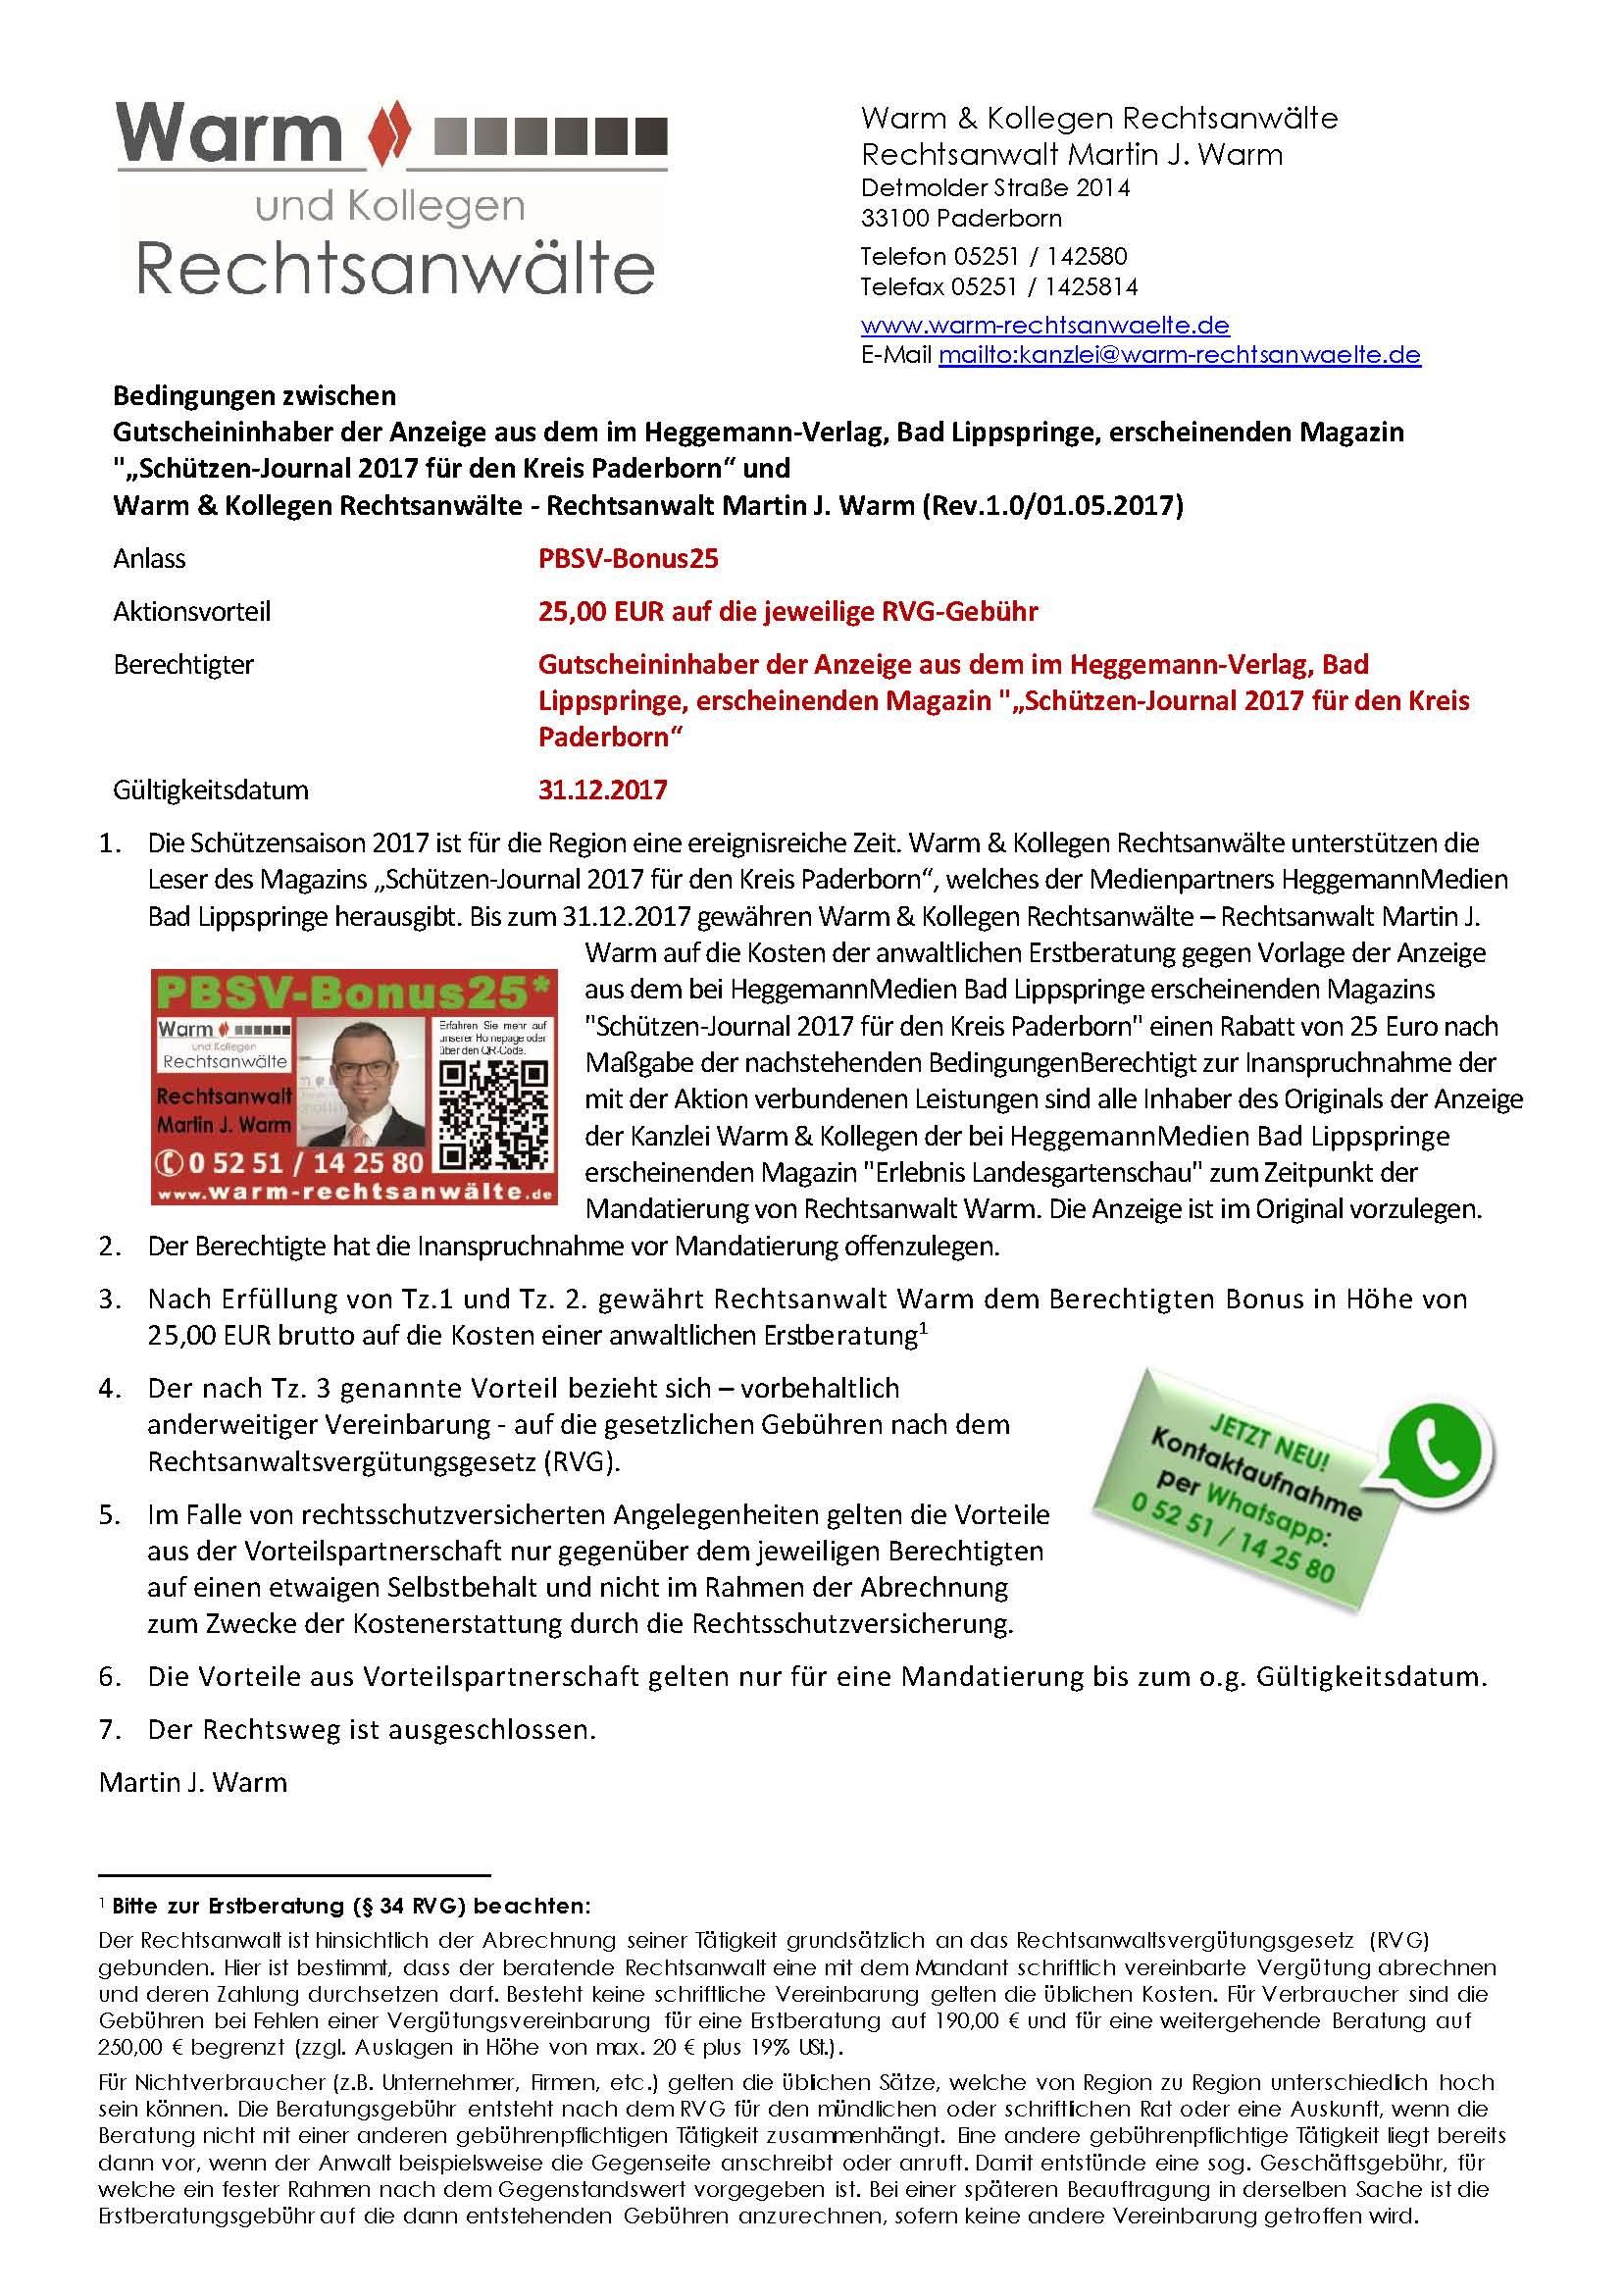 Hier finden Sie die Bedingungen Bedingungen zwischen  Gutscheininhaber der Anzeige aus dem im Heggemann-Verlag, Bad Lippspringe, erscheinenden Magazin